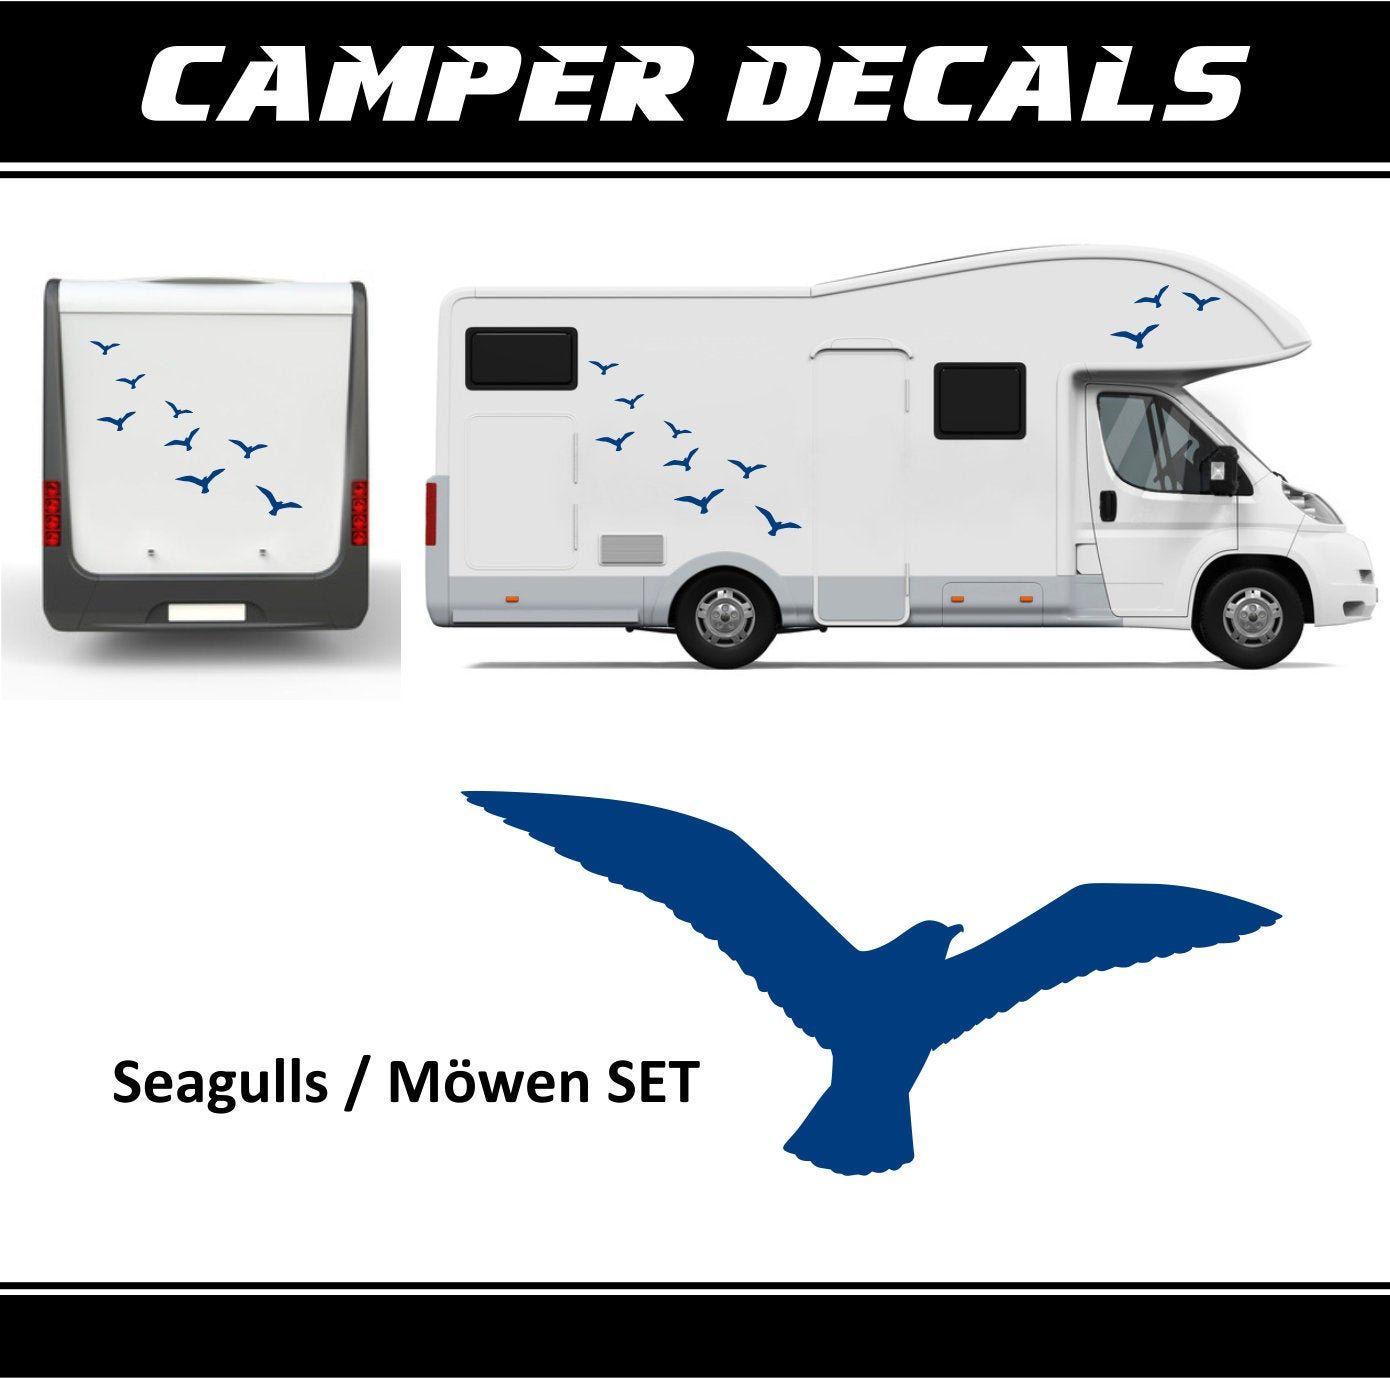 DECALS graphics 2 x FLYING BIRD MOTORHOME CARAVAN STICKERS